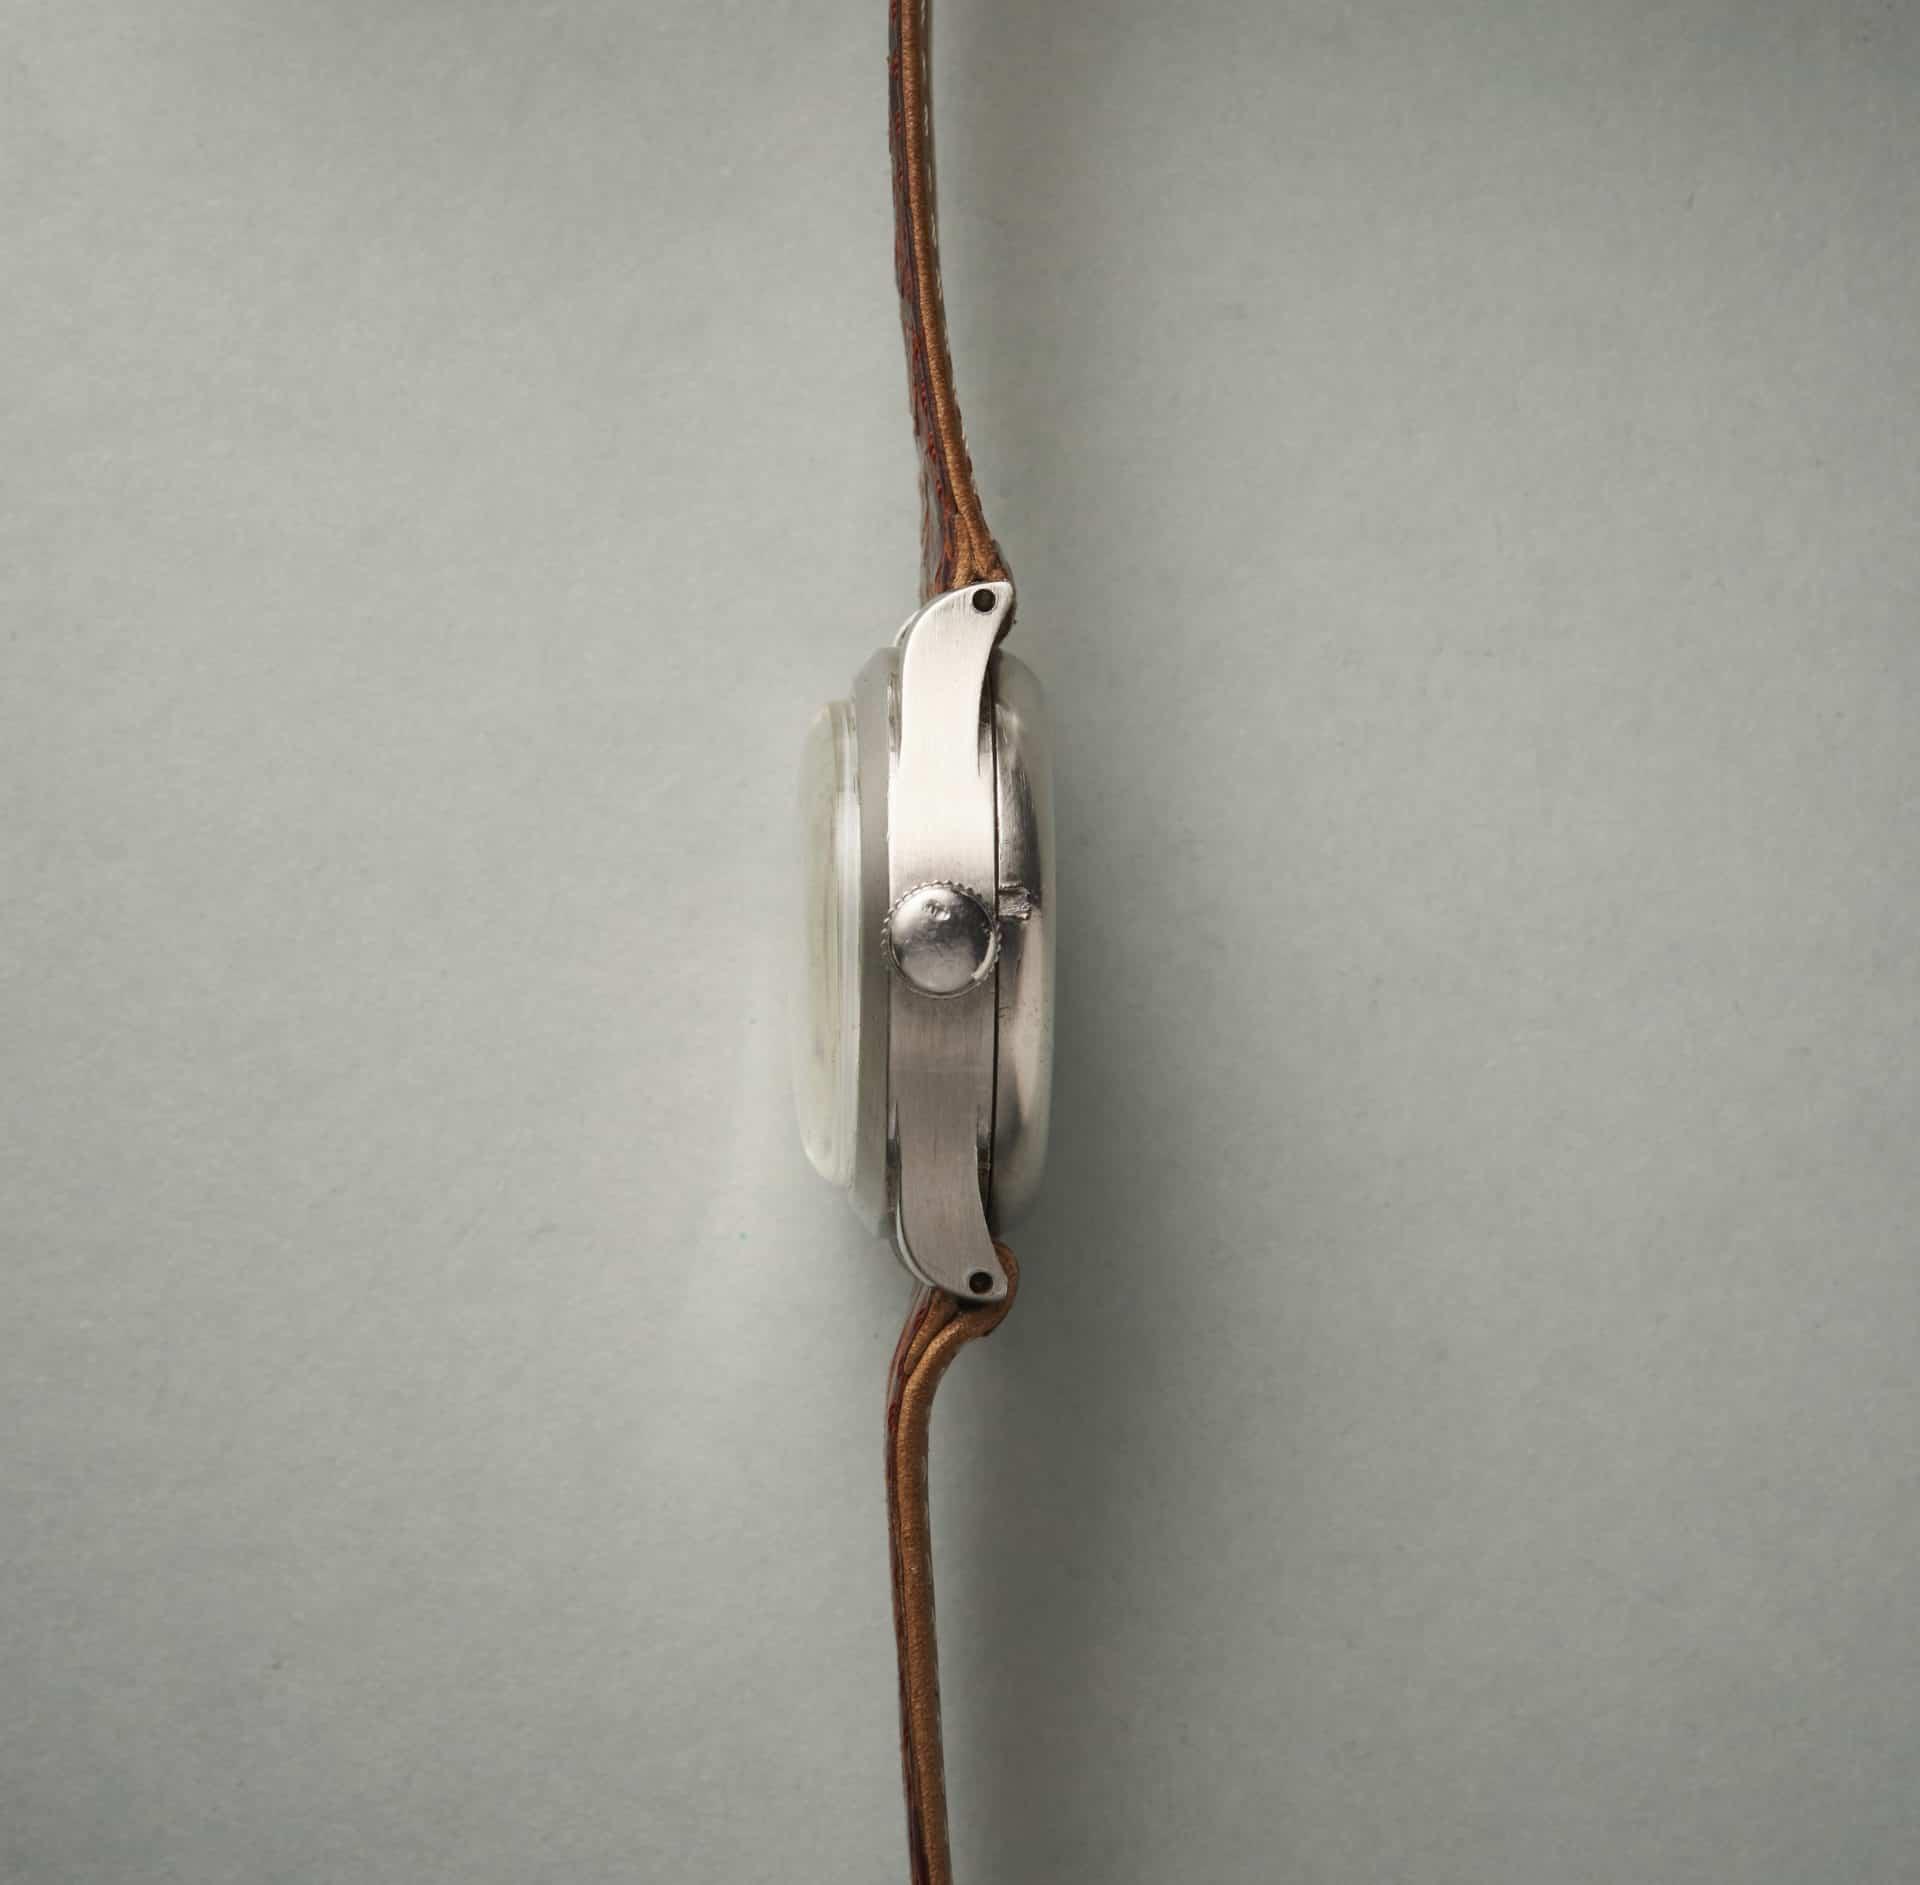 Schlank ist etwas anderes. Aber in der 1930-er Jahren bauten alle Automatik-Armbanduhren noch reichlich hoch.